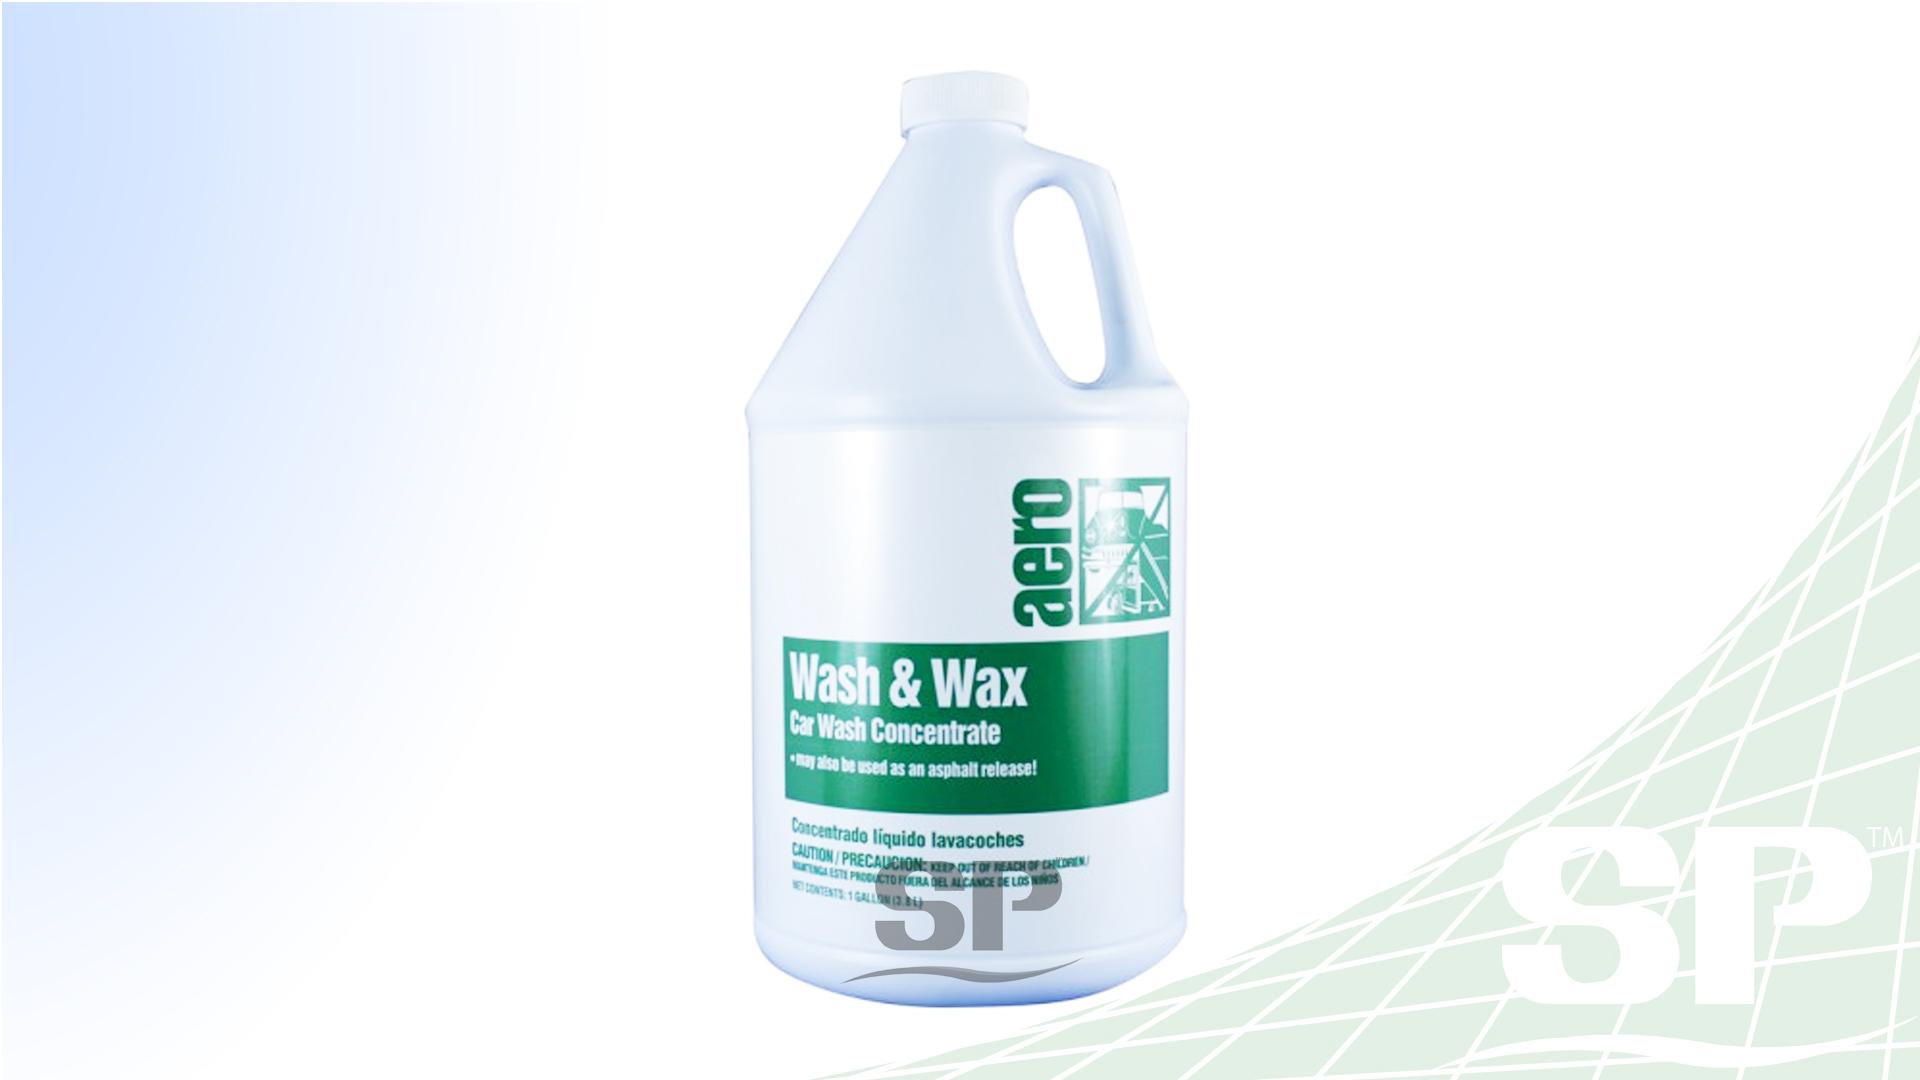 WashWax